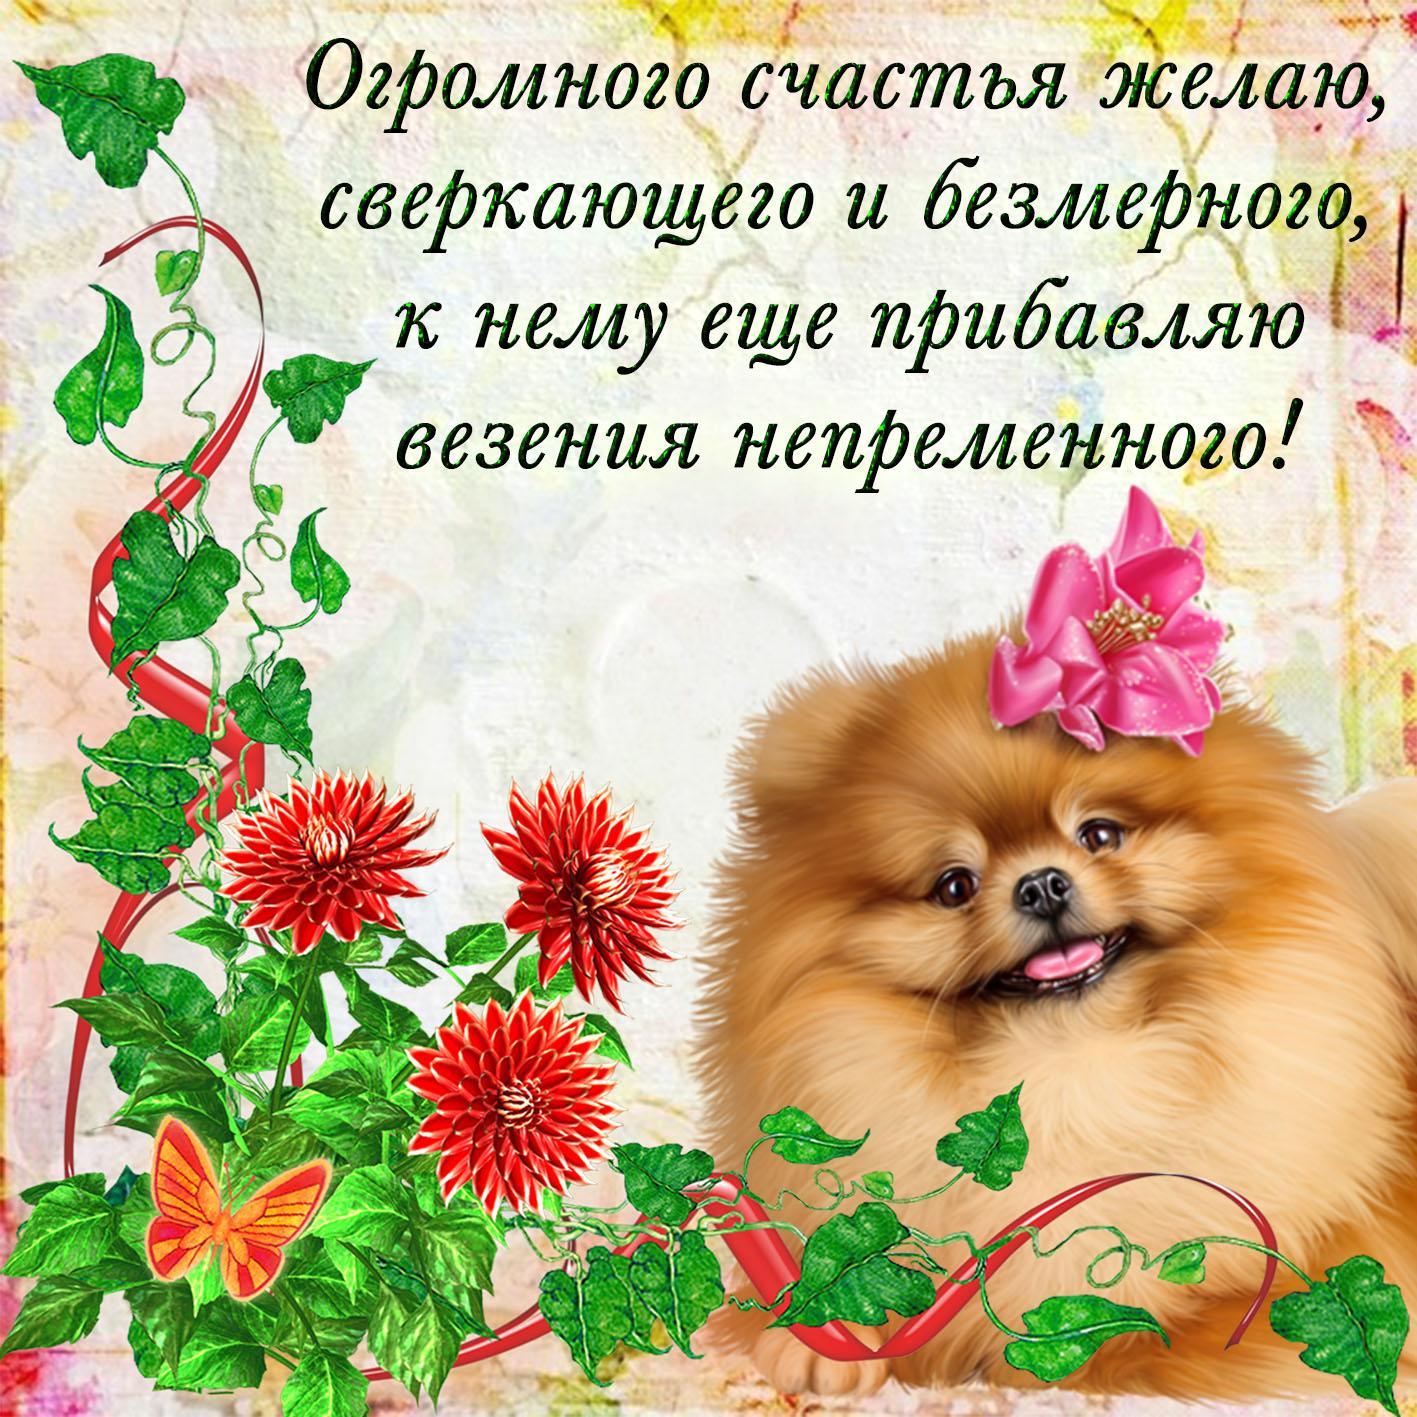 Пожелания счастья фото